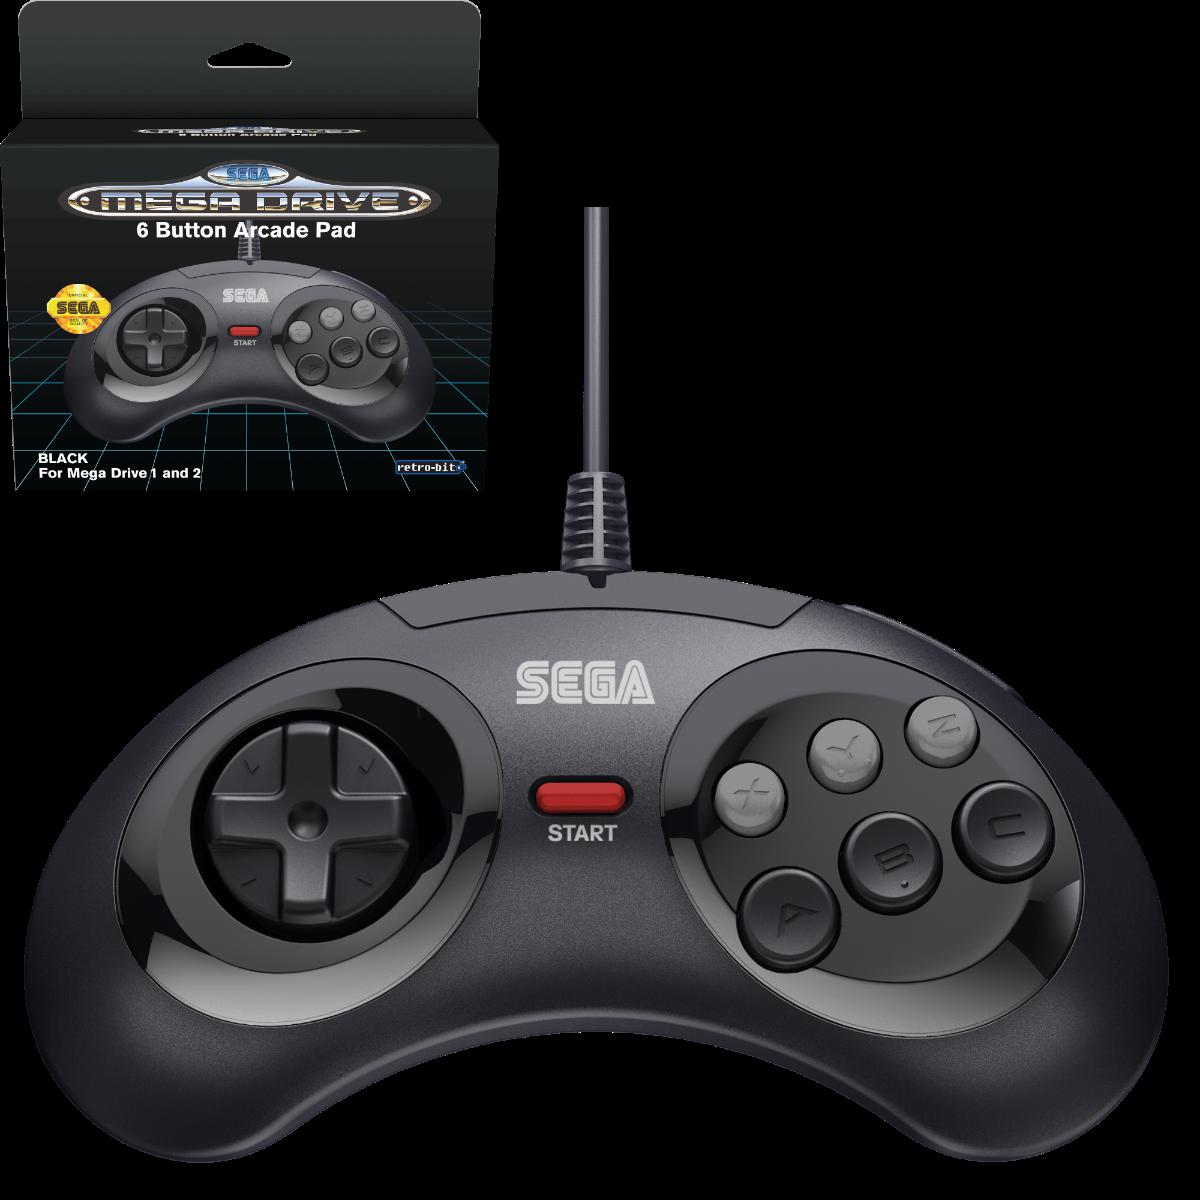 SEGA, Mega Drive, Arcade Pad, 6 Button, Black, Original